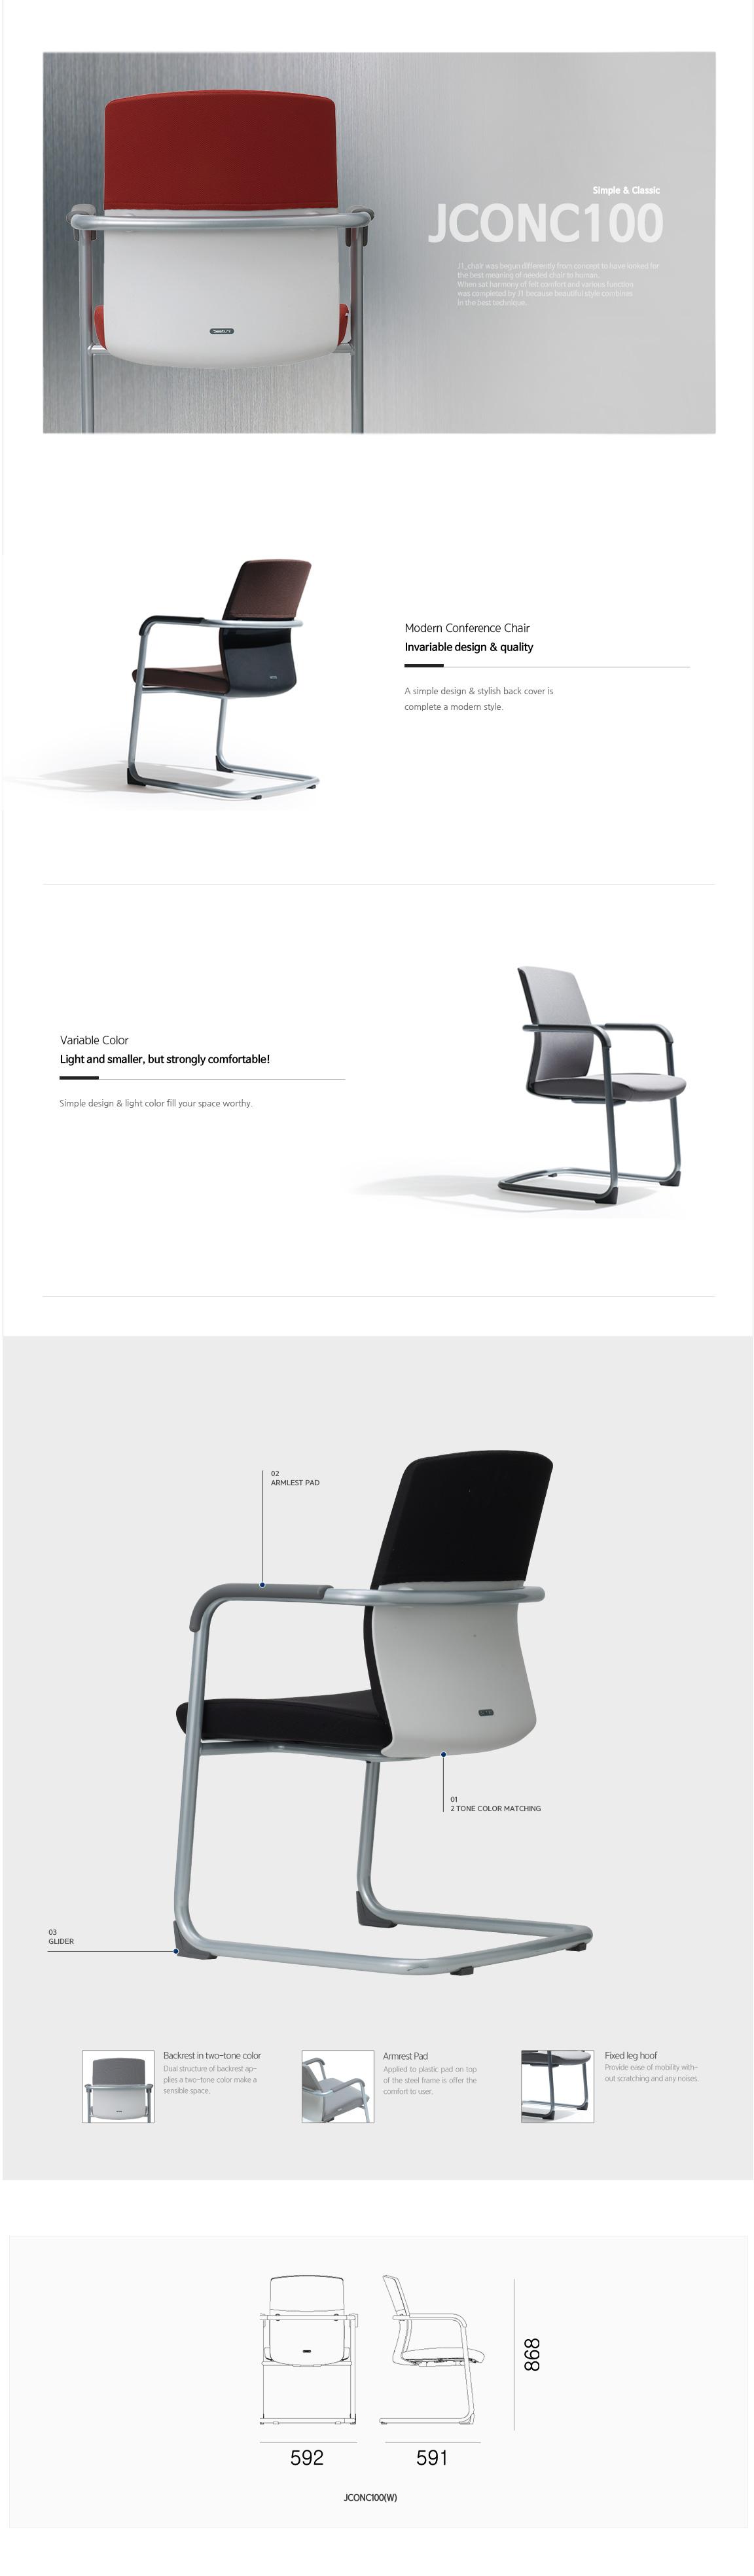 Luxdezine Multipurpose Chairs JCON100